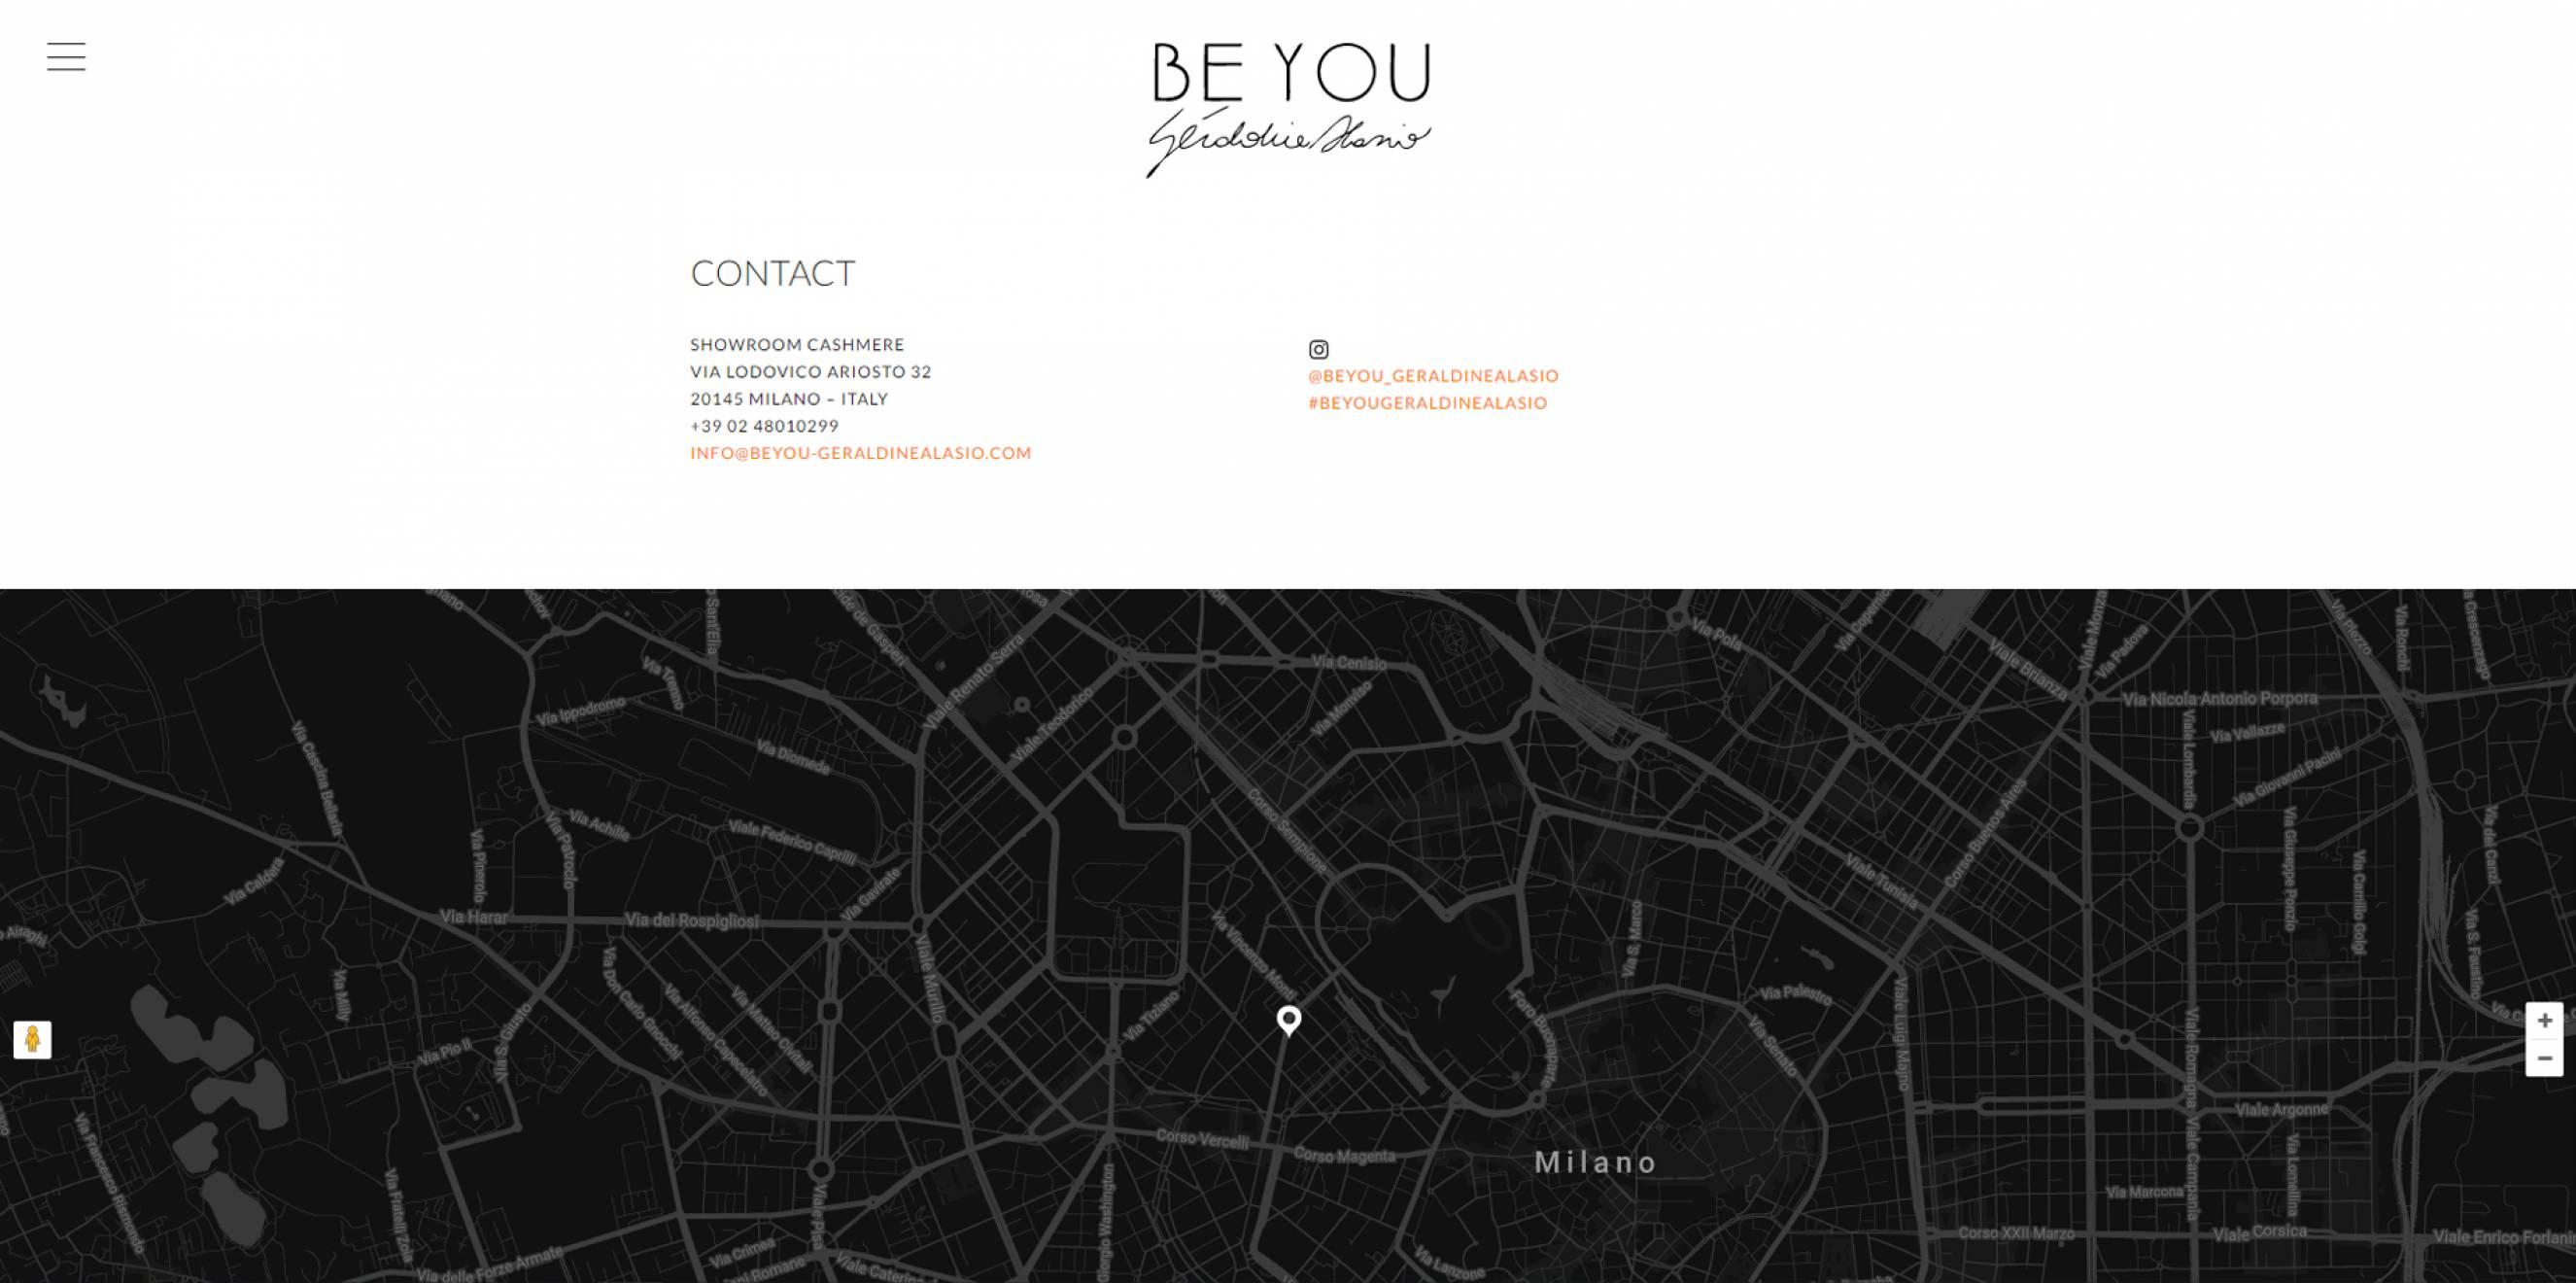 pagina contatti sito internet be you newvisibility